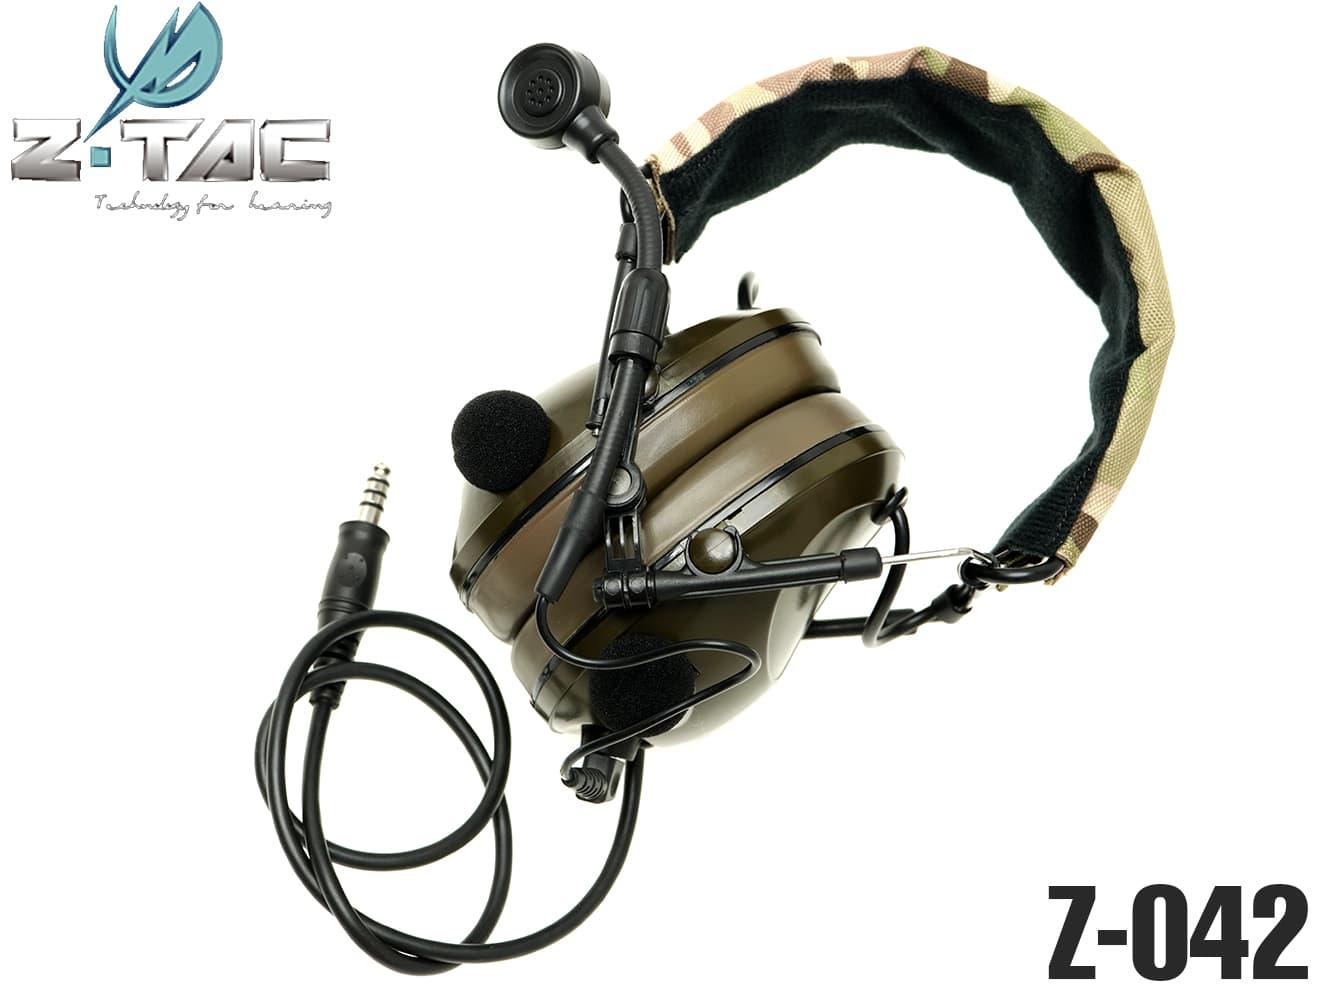 【集音機能&ピークカット機能搭載】ZTACTICAL サウンドトラップ Tactical ヘッドセット◆360度サラウンド機能/サバゲー&コスプレに!